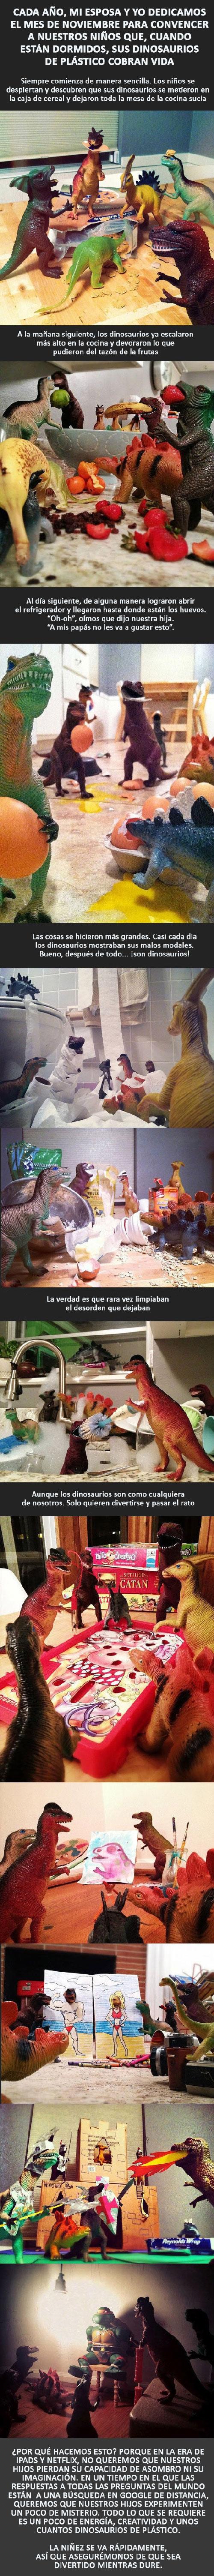 Papás haciendo un buen trabajo - Historia de dinosaurios